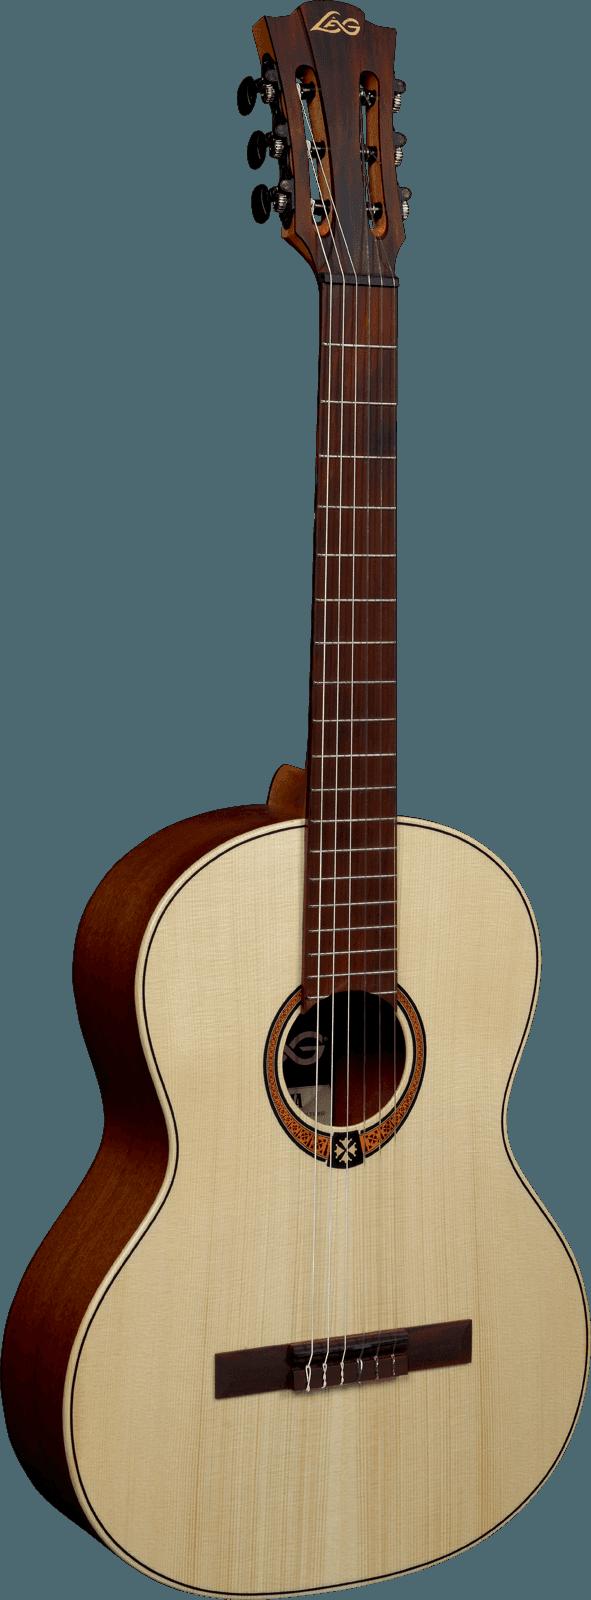 Guitare classique OC70 - Voir en grand